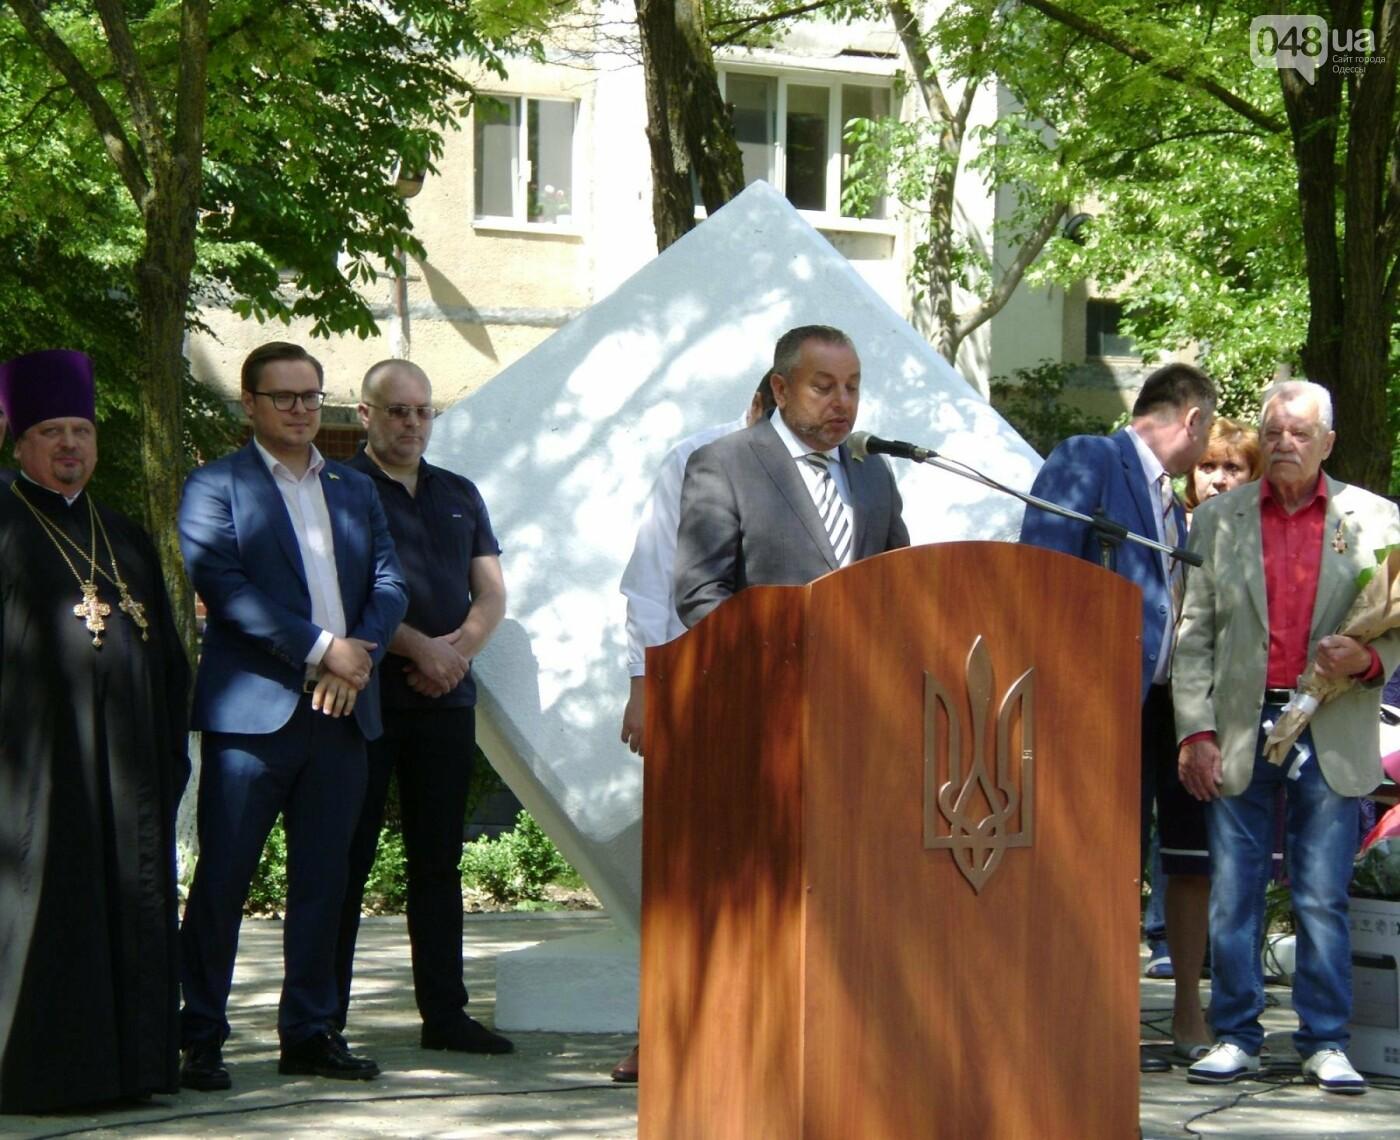 Теплодар отметил свое 37-летие. Город ожидает инвестиции 4 млрд.грн, фото-3